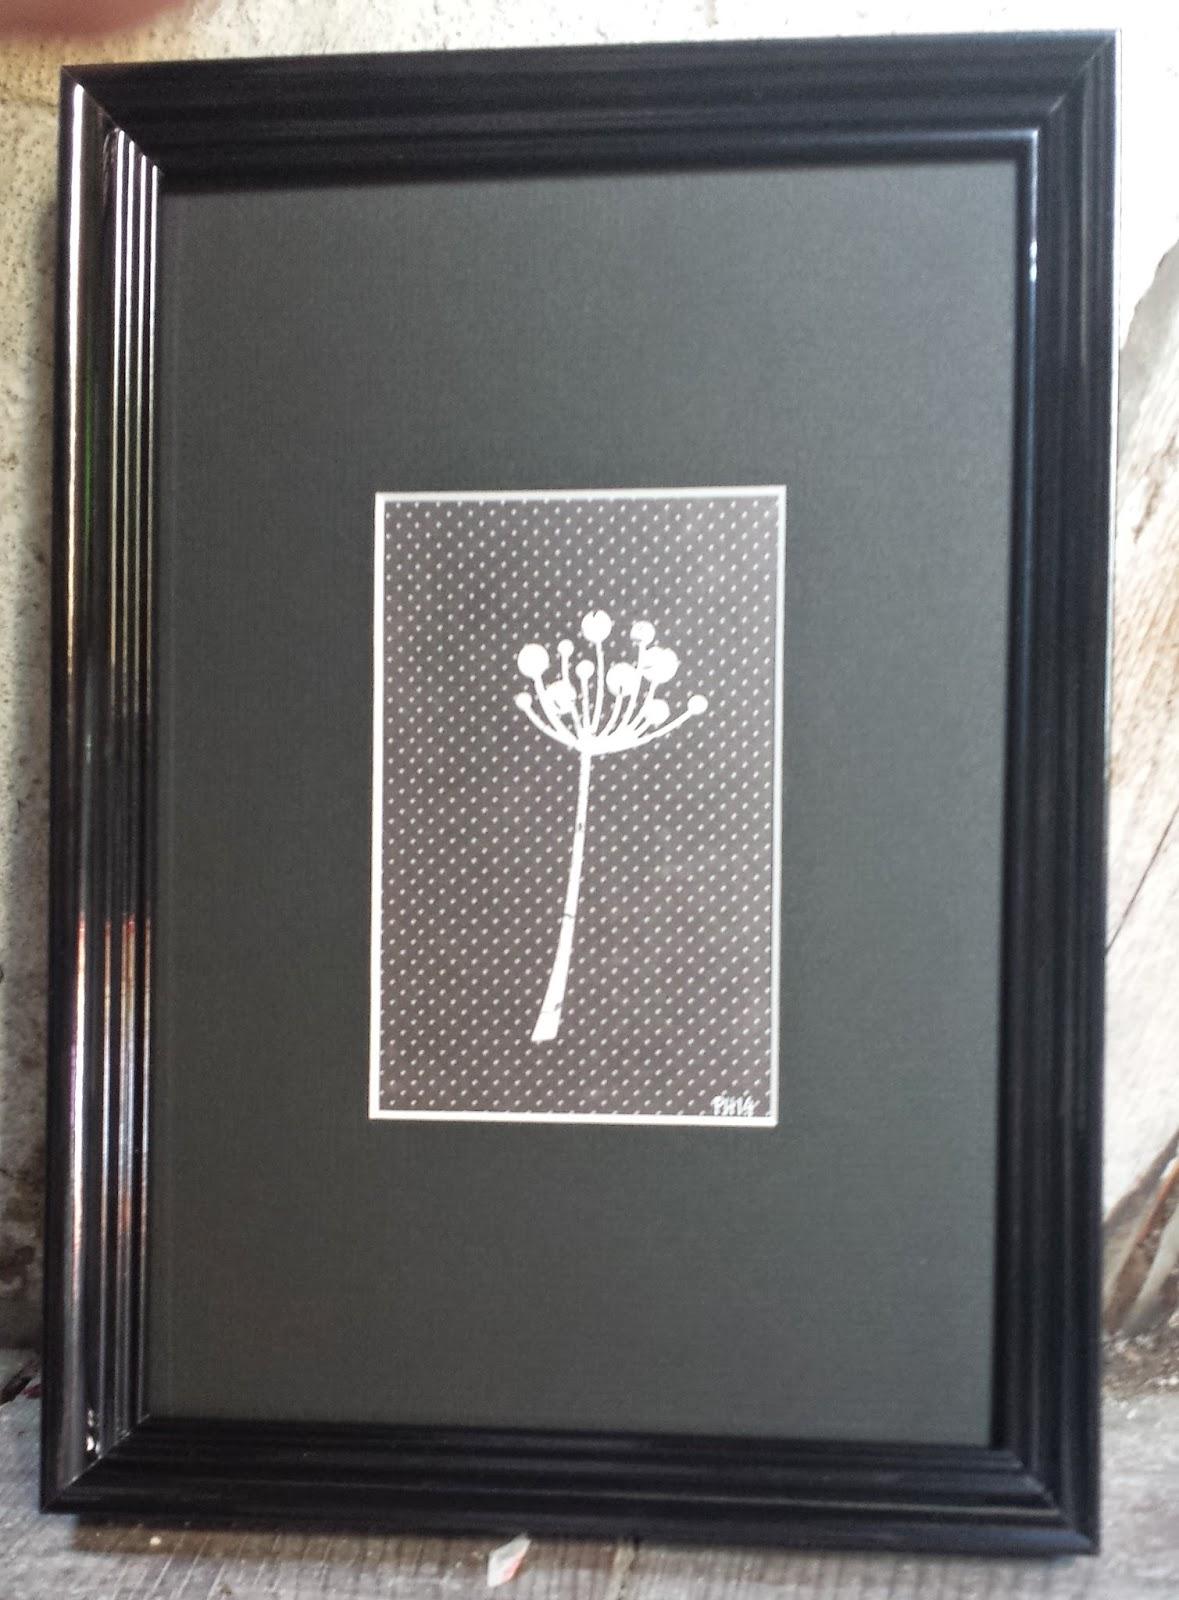 træramme med billede